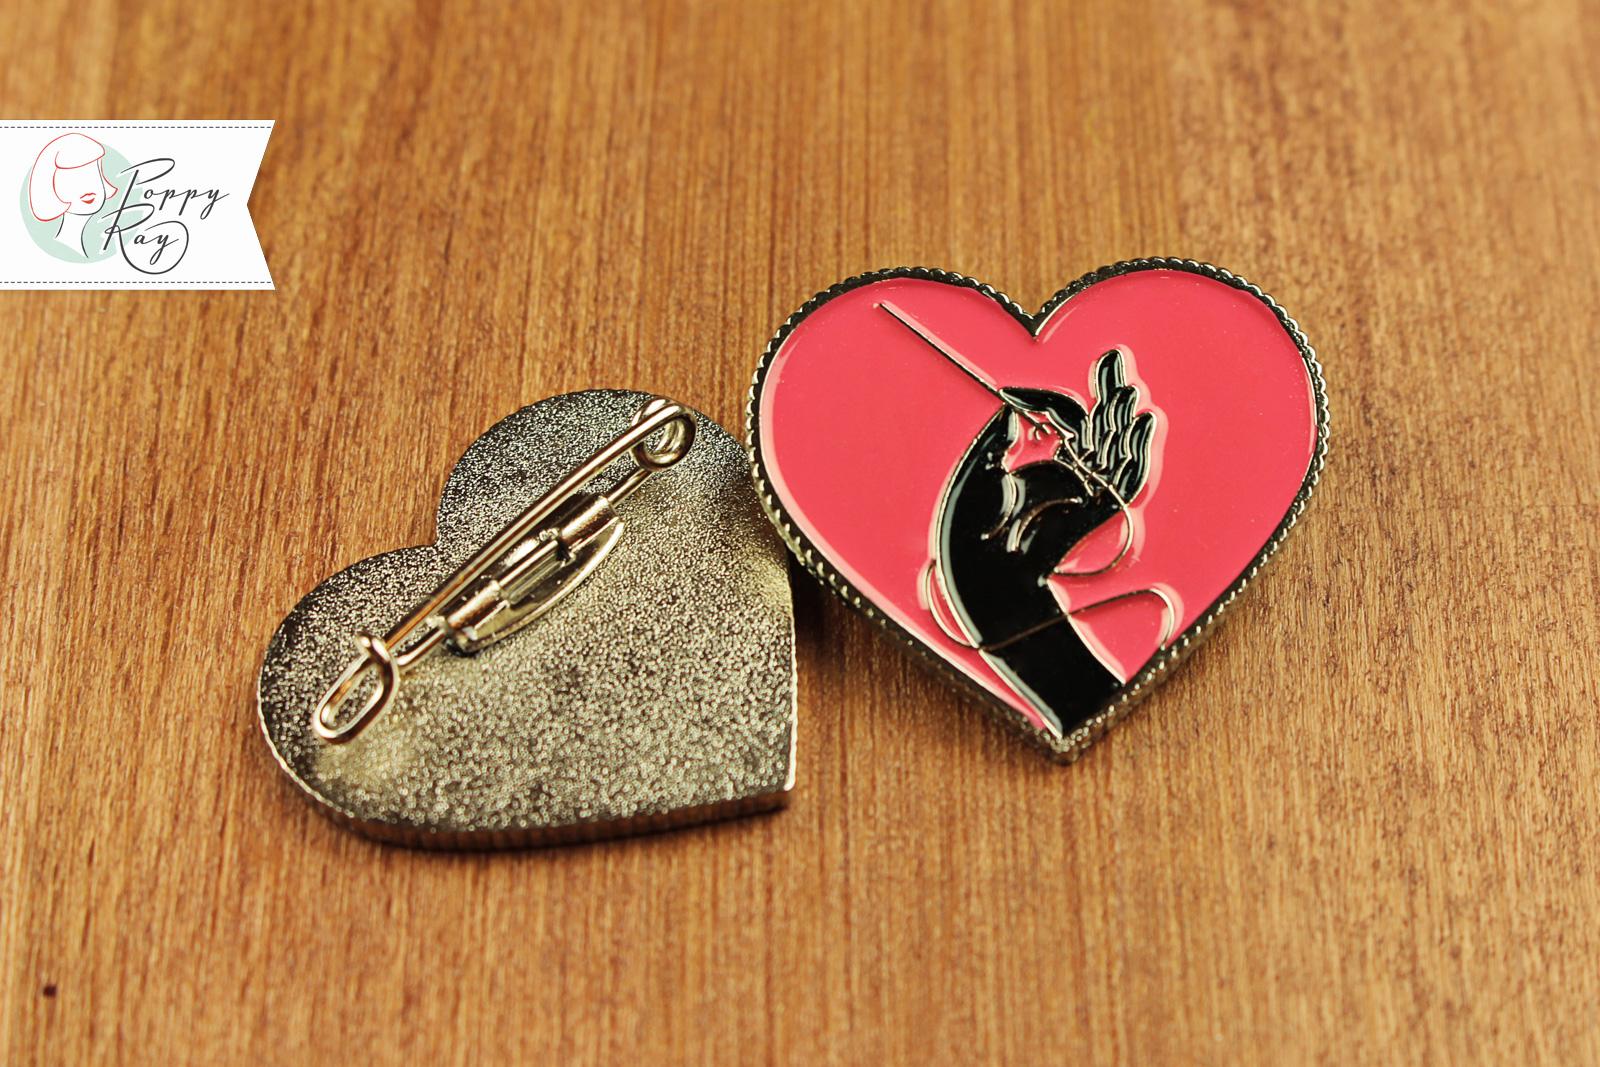 brosche hand und herz n hen emaille pin pink poppy ray. Black Bedroom Furniture Sets. Home Design Ideas